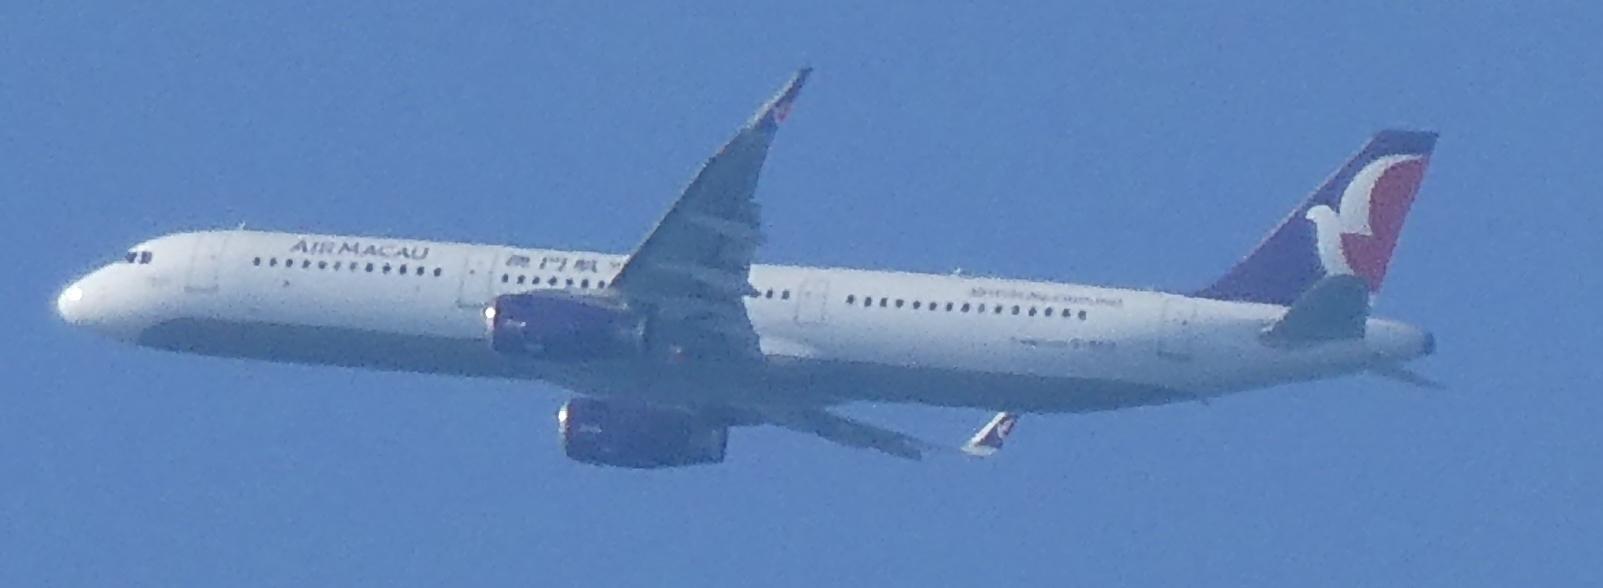 飛行機と遊ぶ_c0108460_16035231.jpg